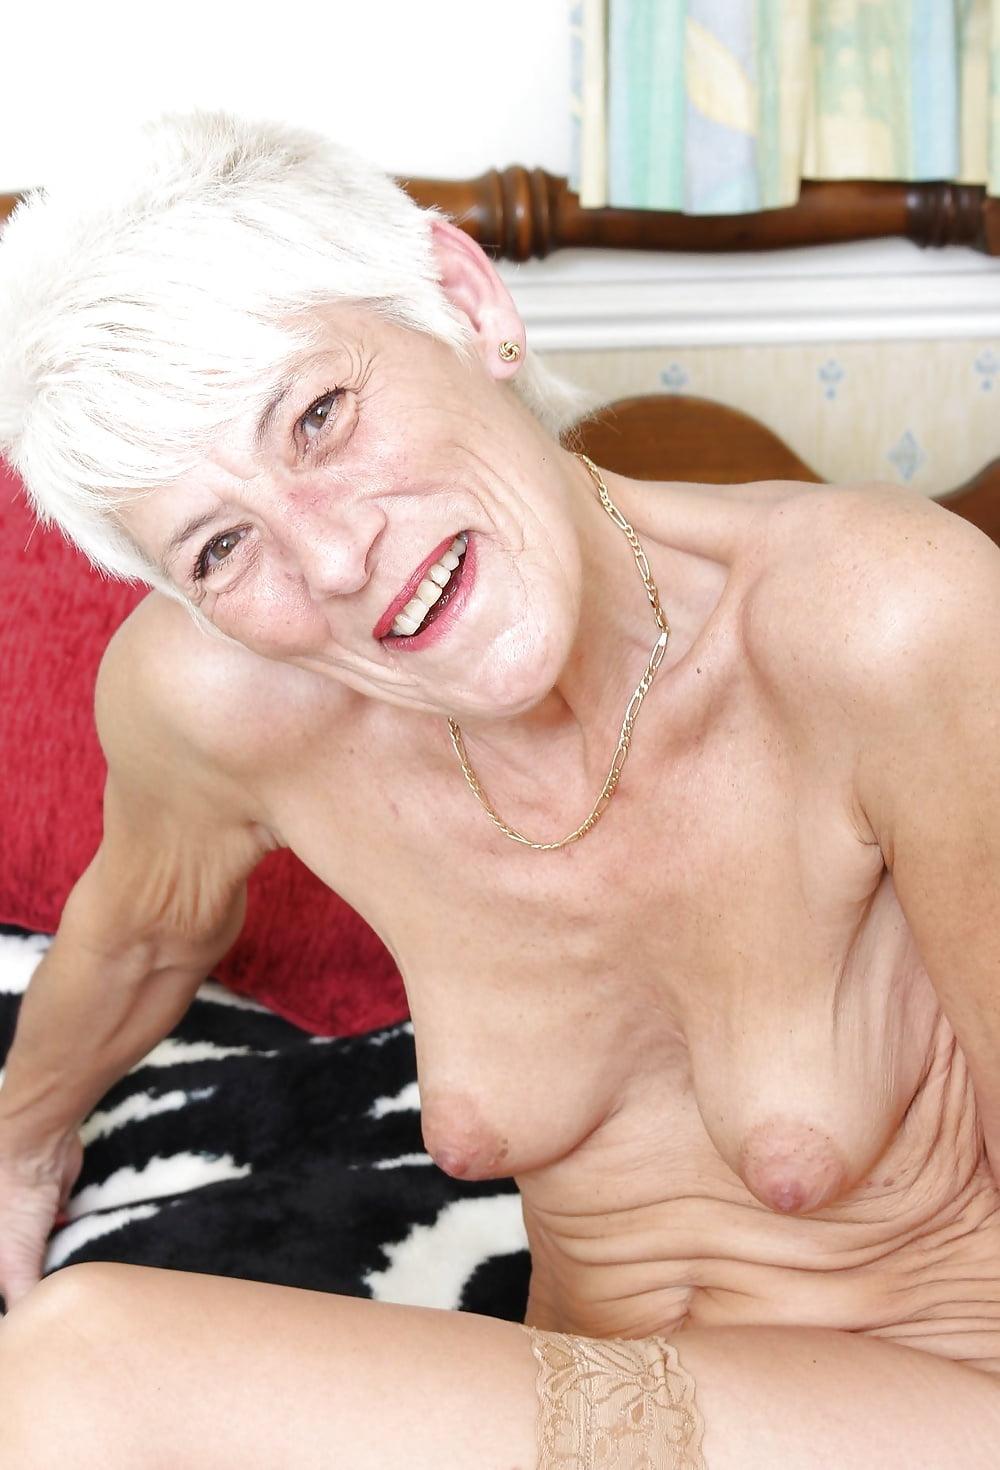 Naked women over 60 pics